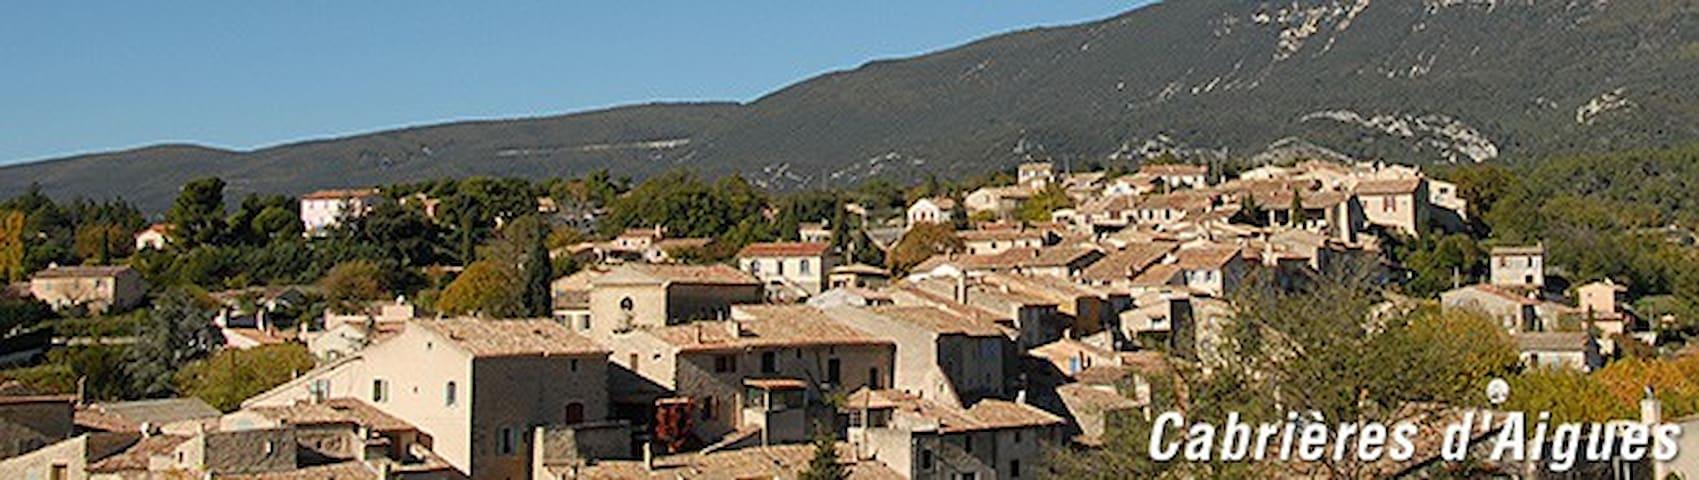 Gîte au pied du Luberon - Cabrières-d'Aigues - Ev